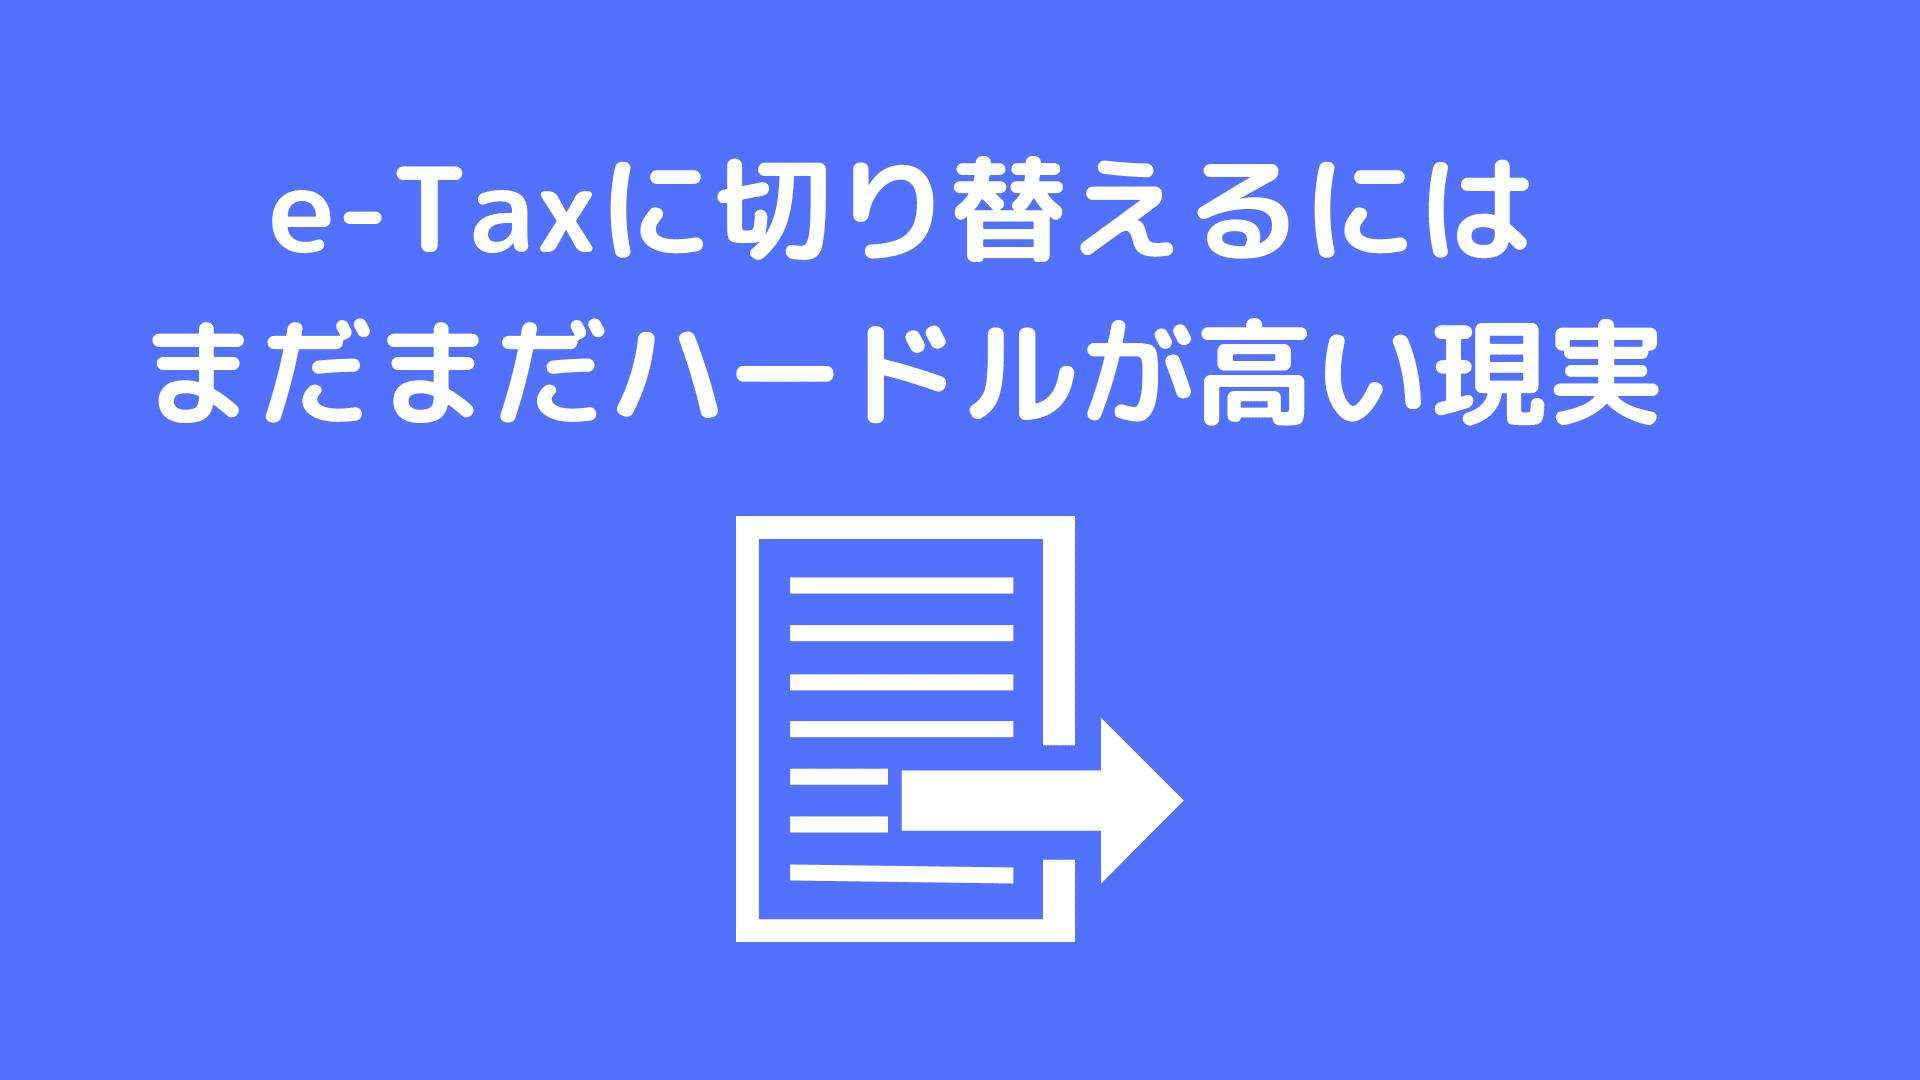 e-taxに切り替えるにはまだまだハードルが高い現実